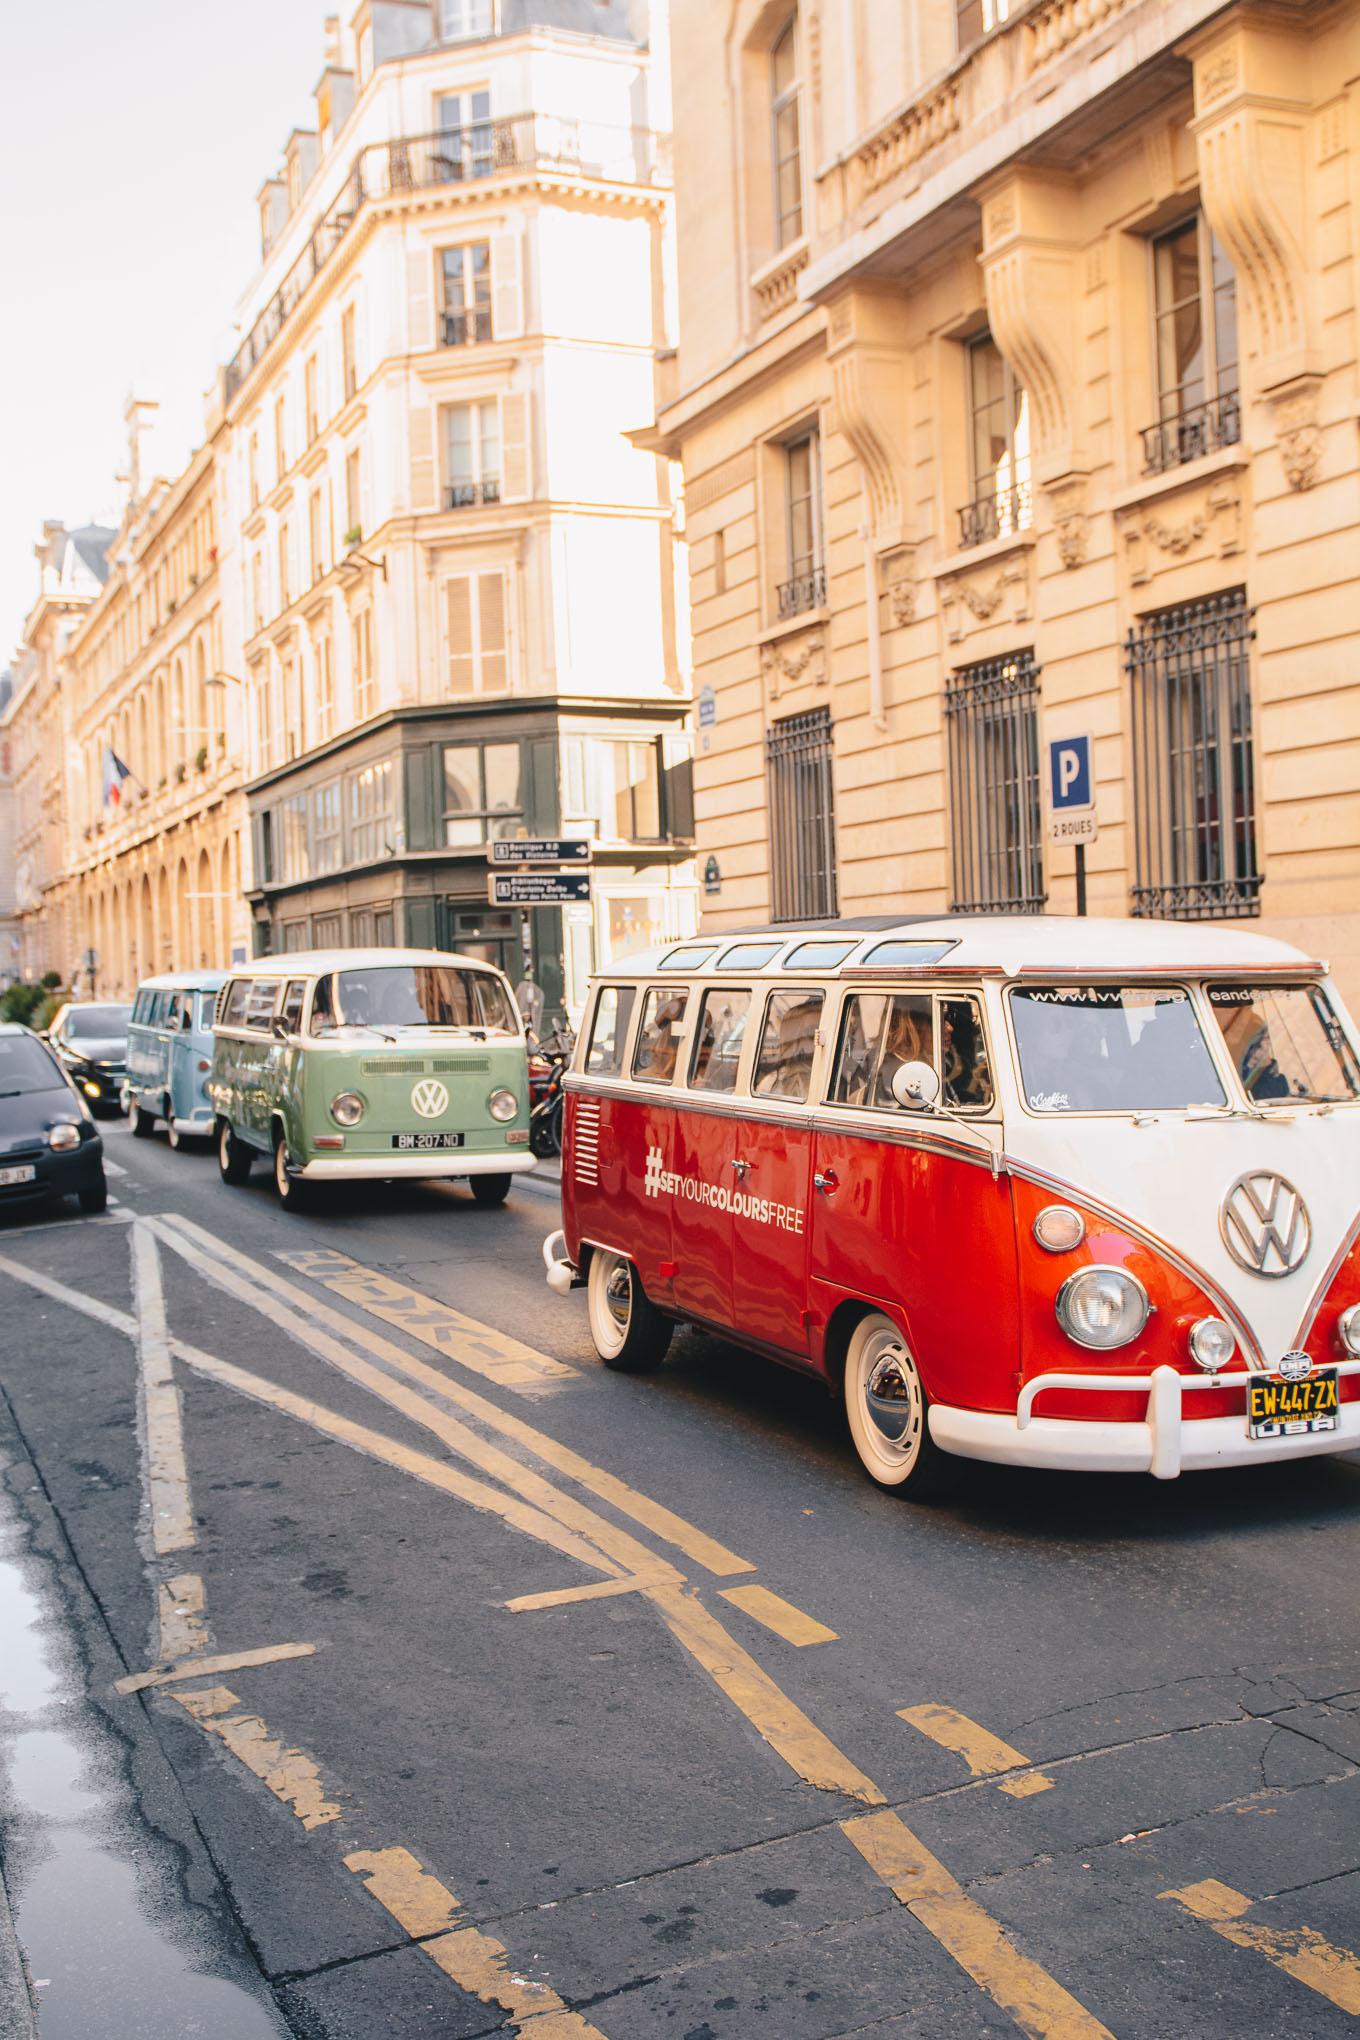 Avon VW retro colorful ride